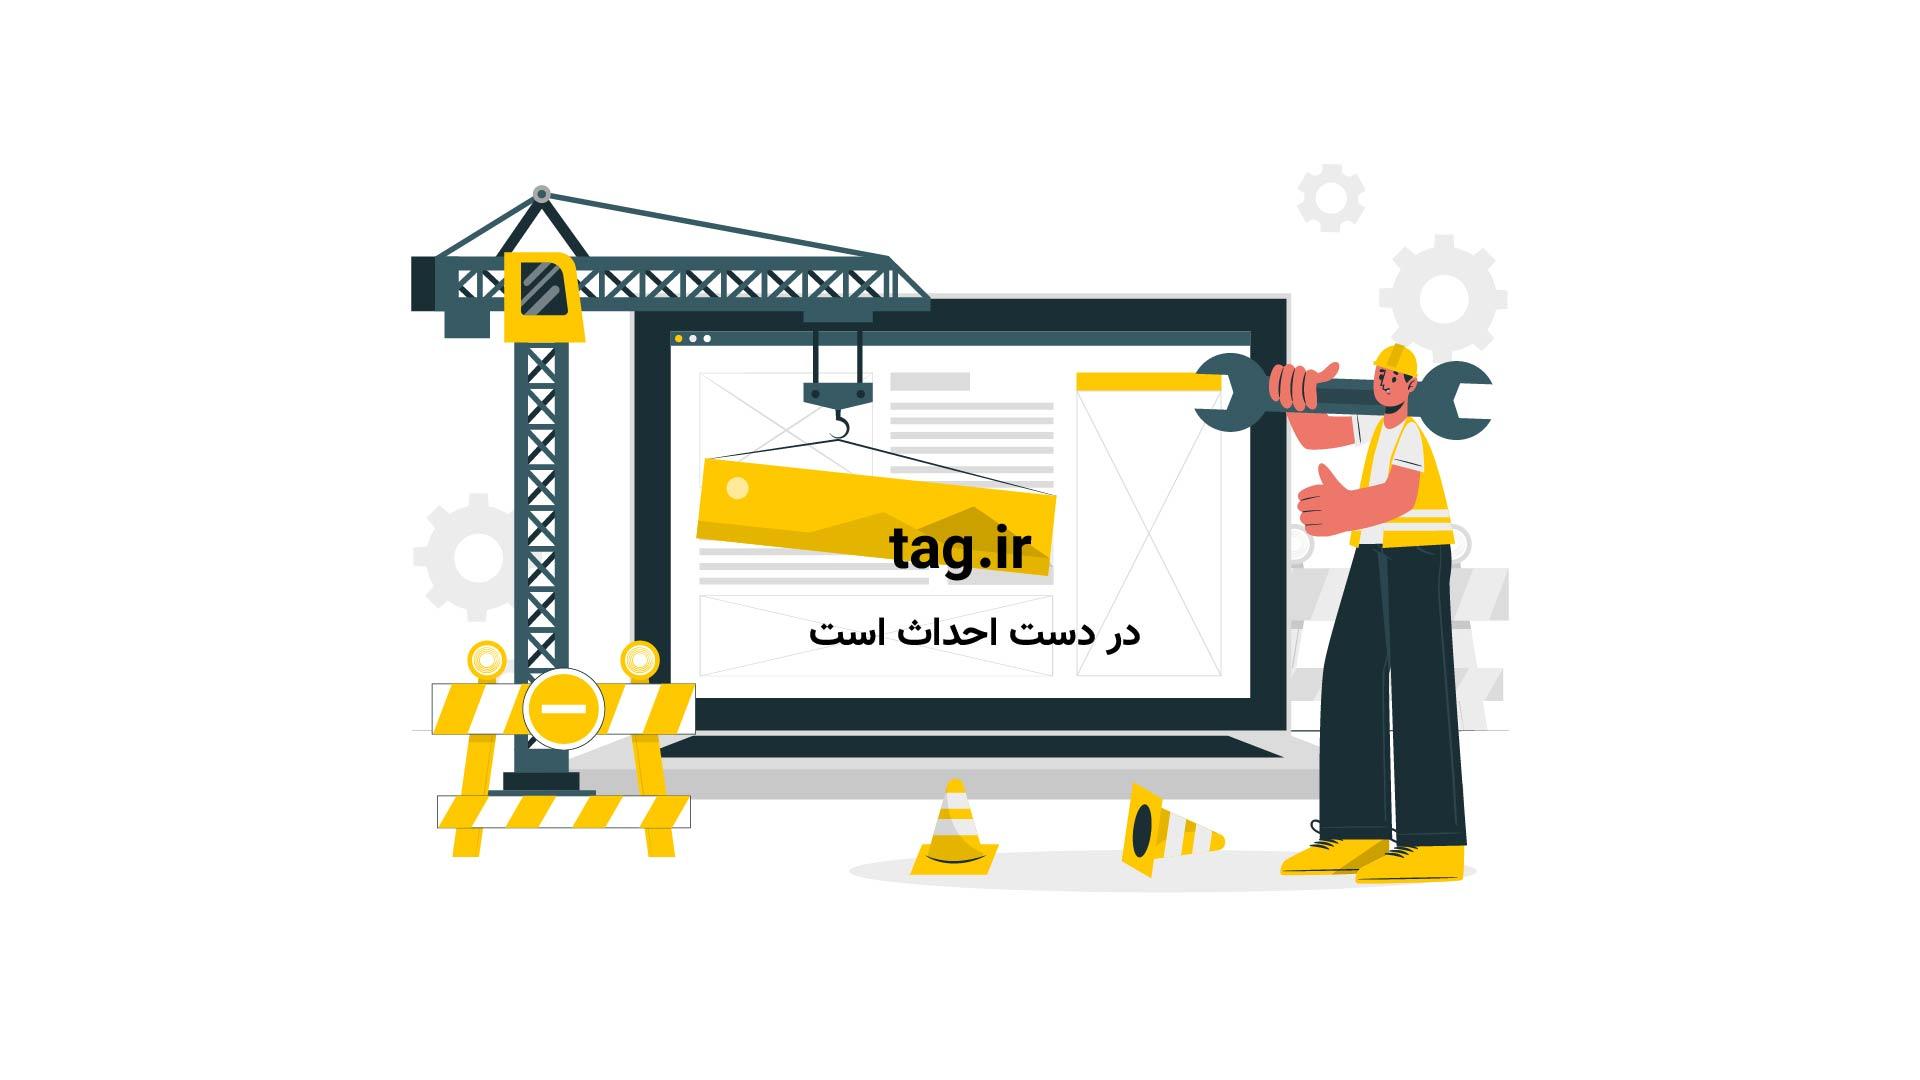 تصادف-موتور-سیکلت | تگ